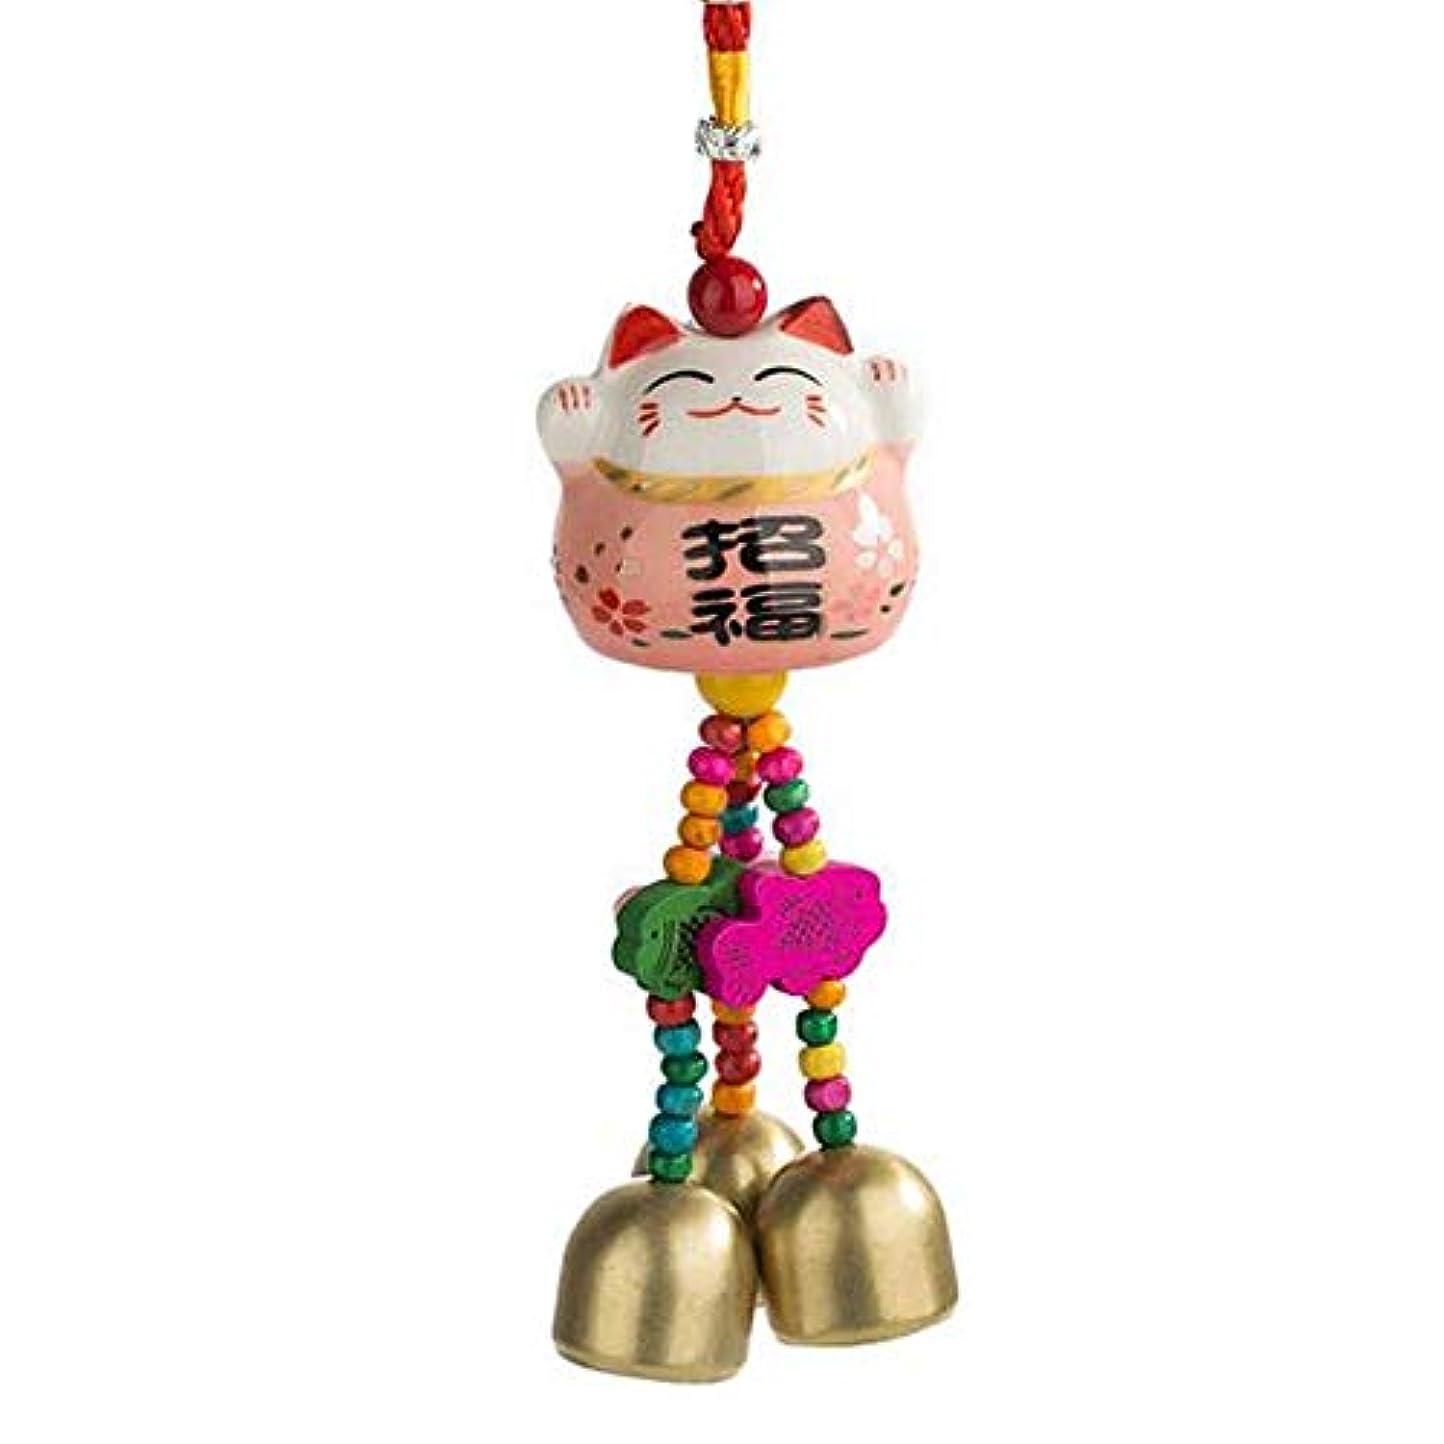 ドラムシュート昇進Yougou01 風チャイム、かわいいクリエイティブセラミック猫風の鐘、オレンジ、ロング28センチメートル 、創造的な装飾 (Color : Pink)